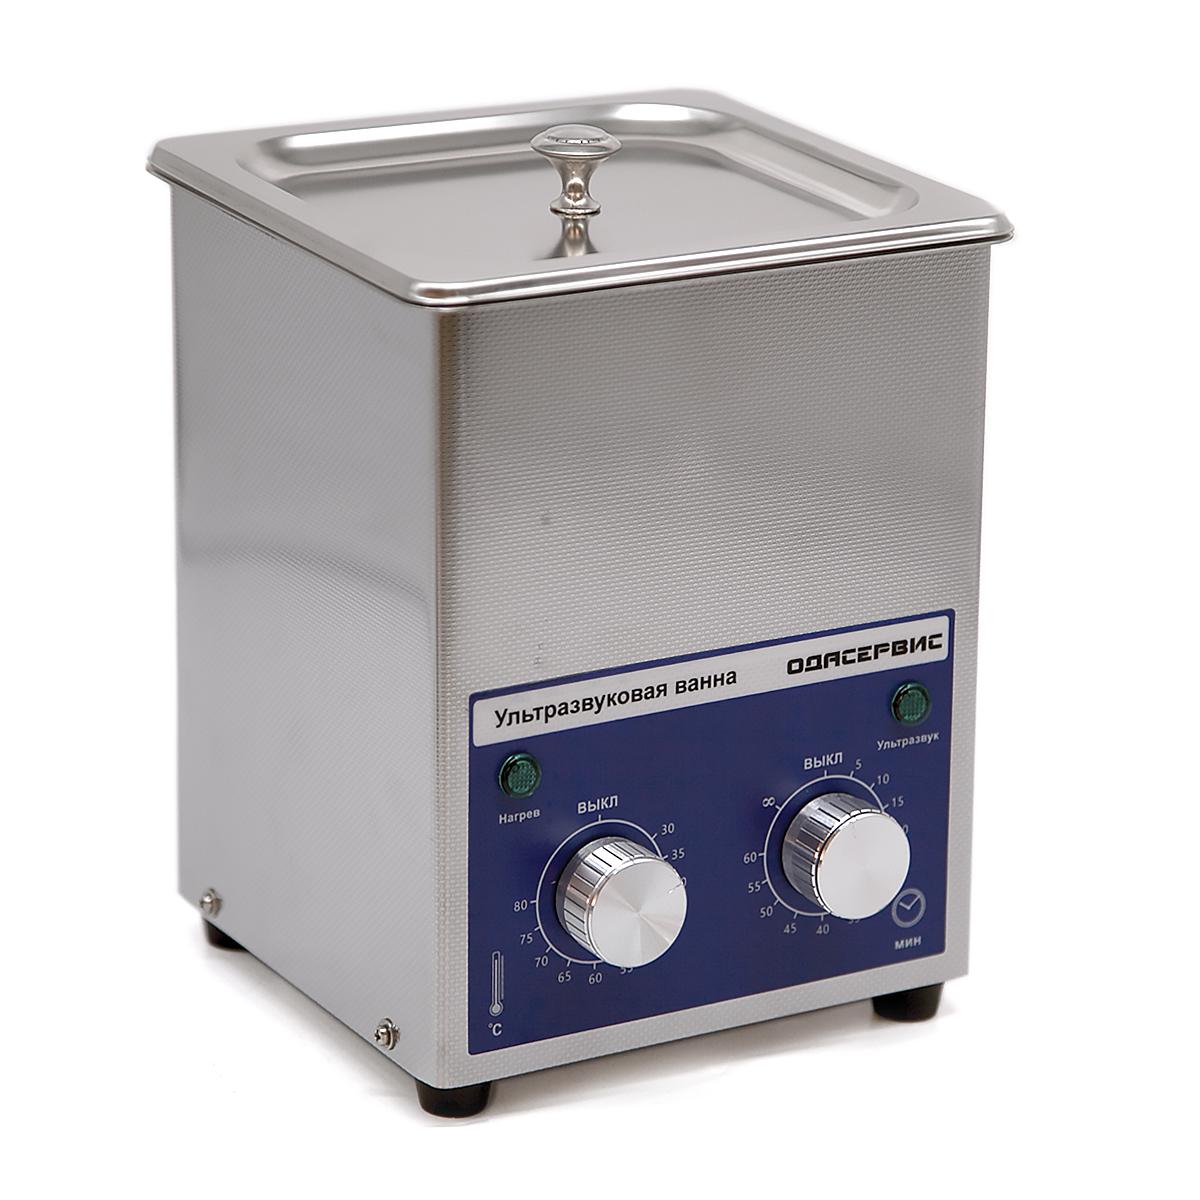 Ультразвуковая ванна с механическим таймером и подогревом, 1.3 л ОДА Сервис ODA-MH13